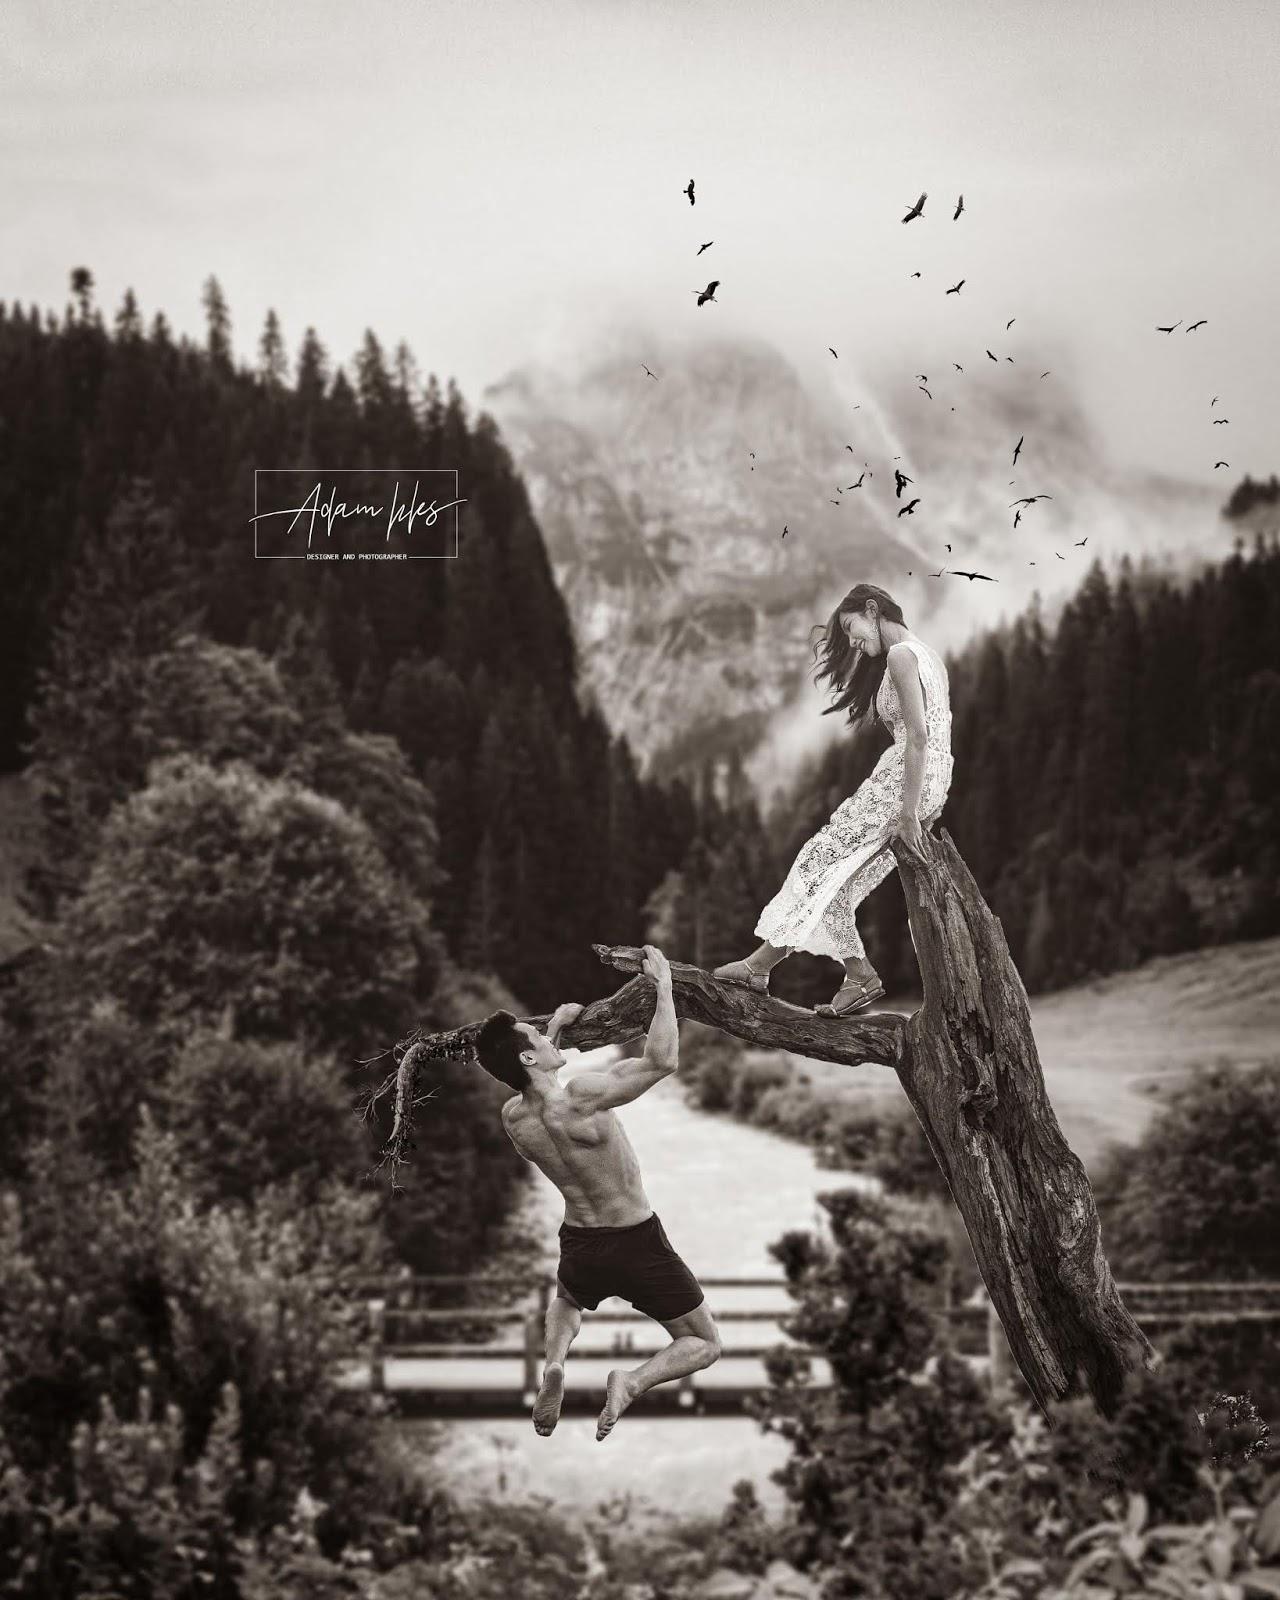 خلفية رائعة للهاتف ابيض واسود خلفيات رومانسية اجمل صور الحب